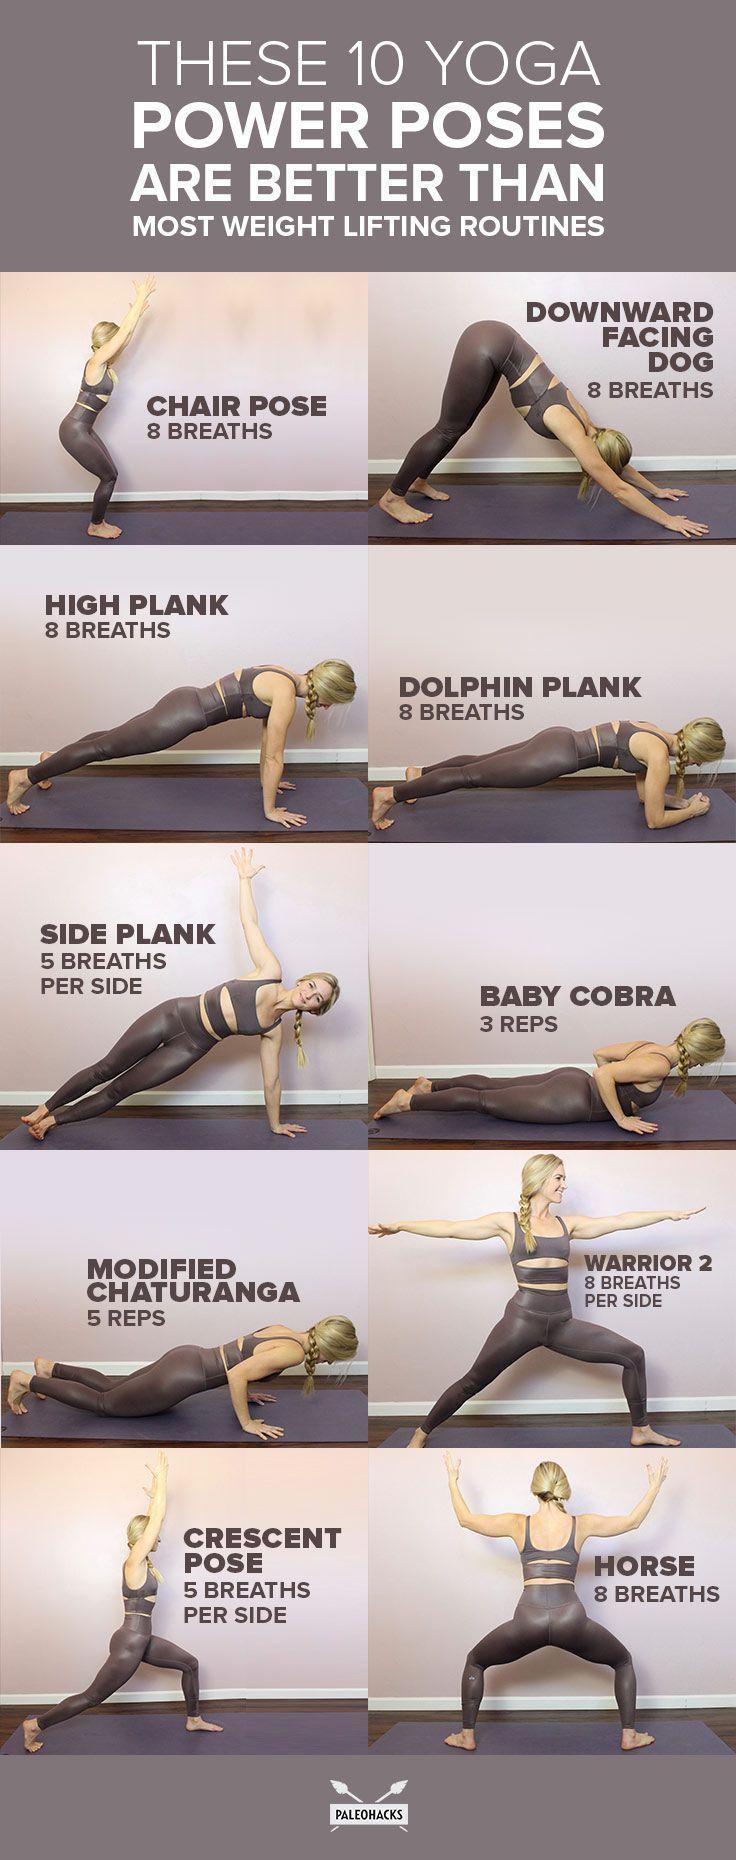 Diese 10 Yoga-Power-Posen sind besser als die meisten Trainingsroutinen  #besser...  #besser #diese #meisten #posen #power #trainingsroutinen #yogafitnesstoning